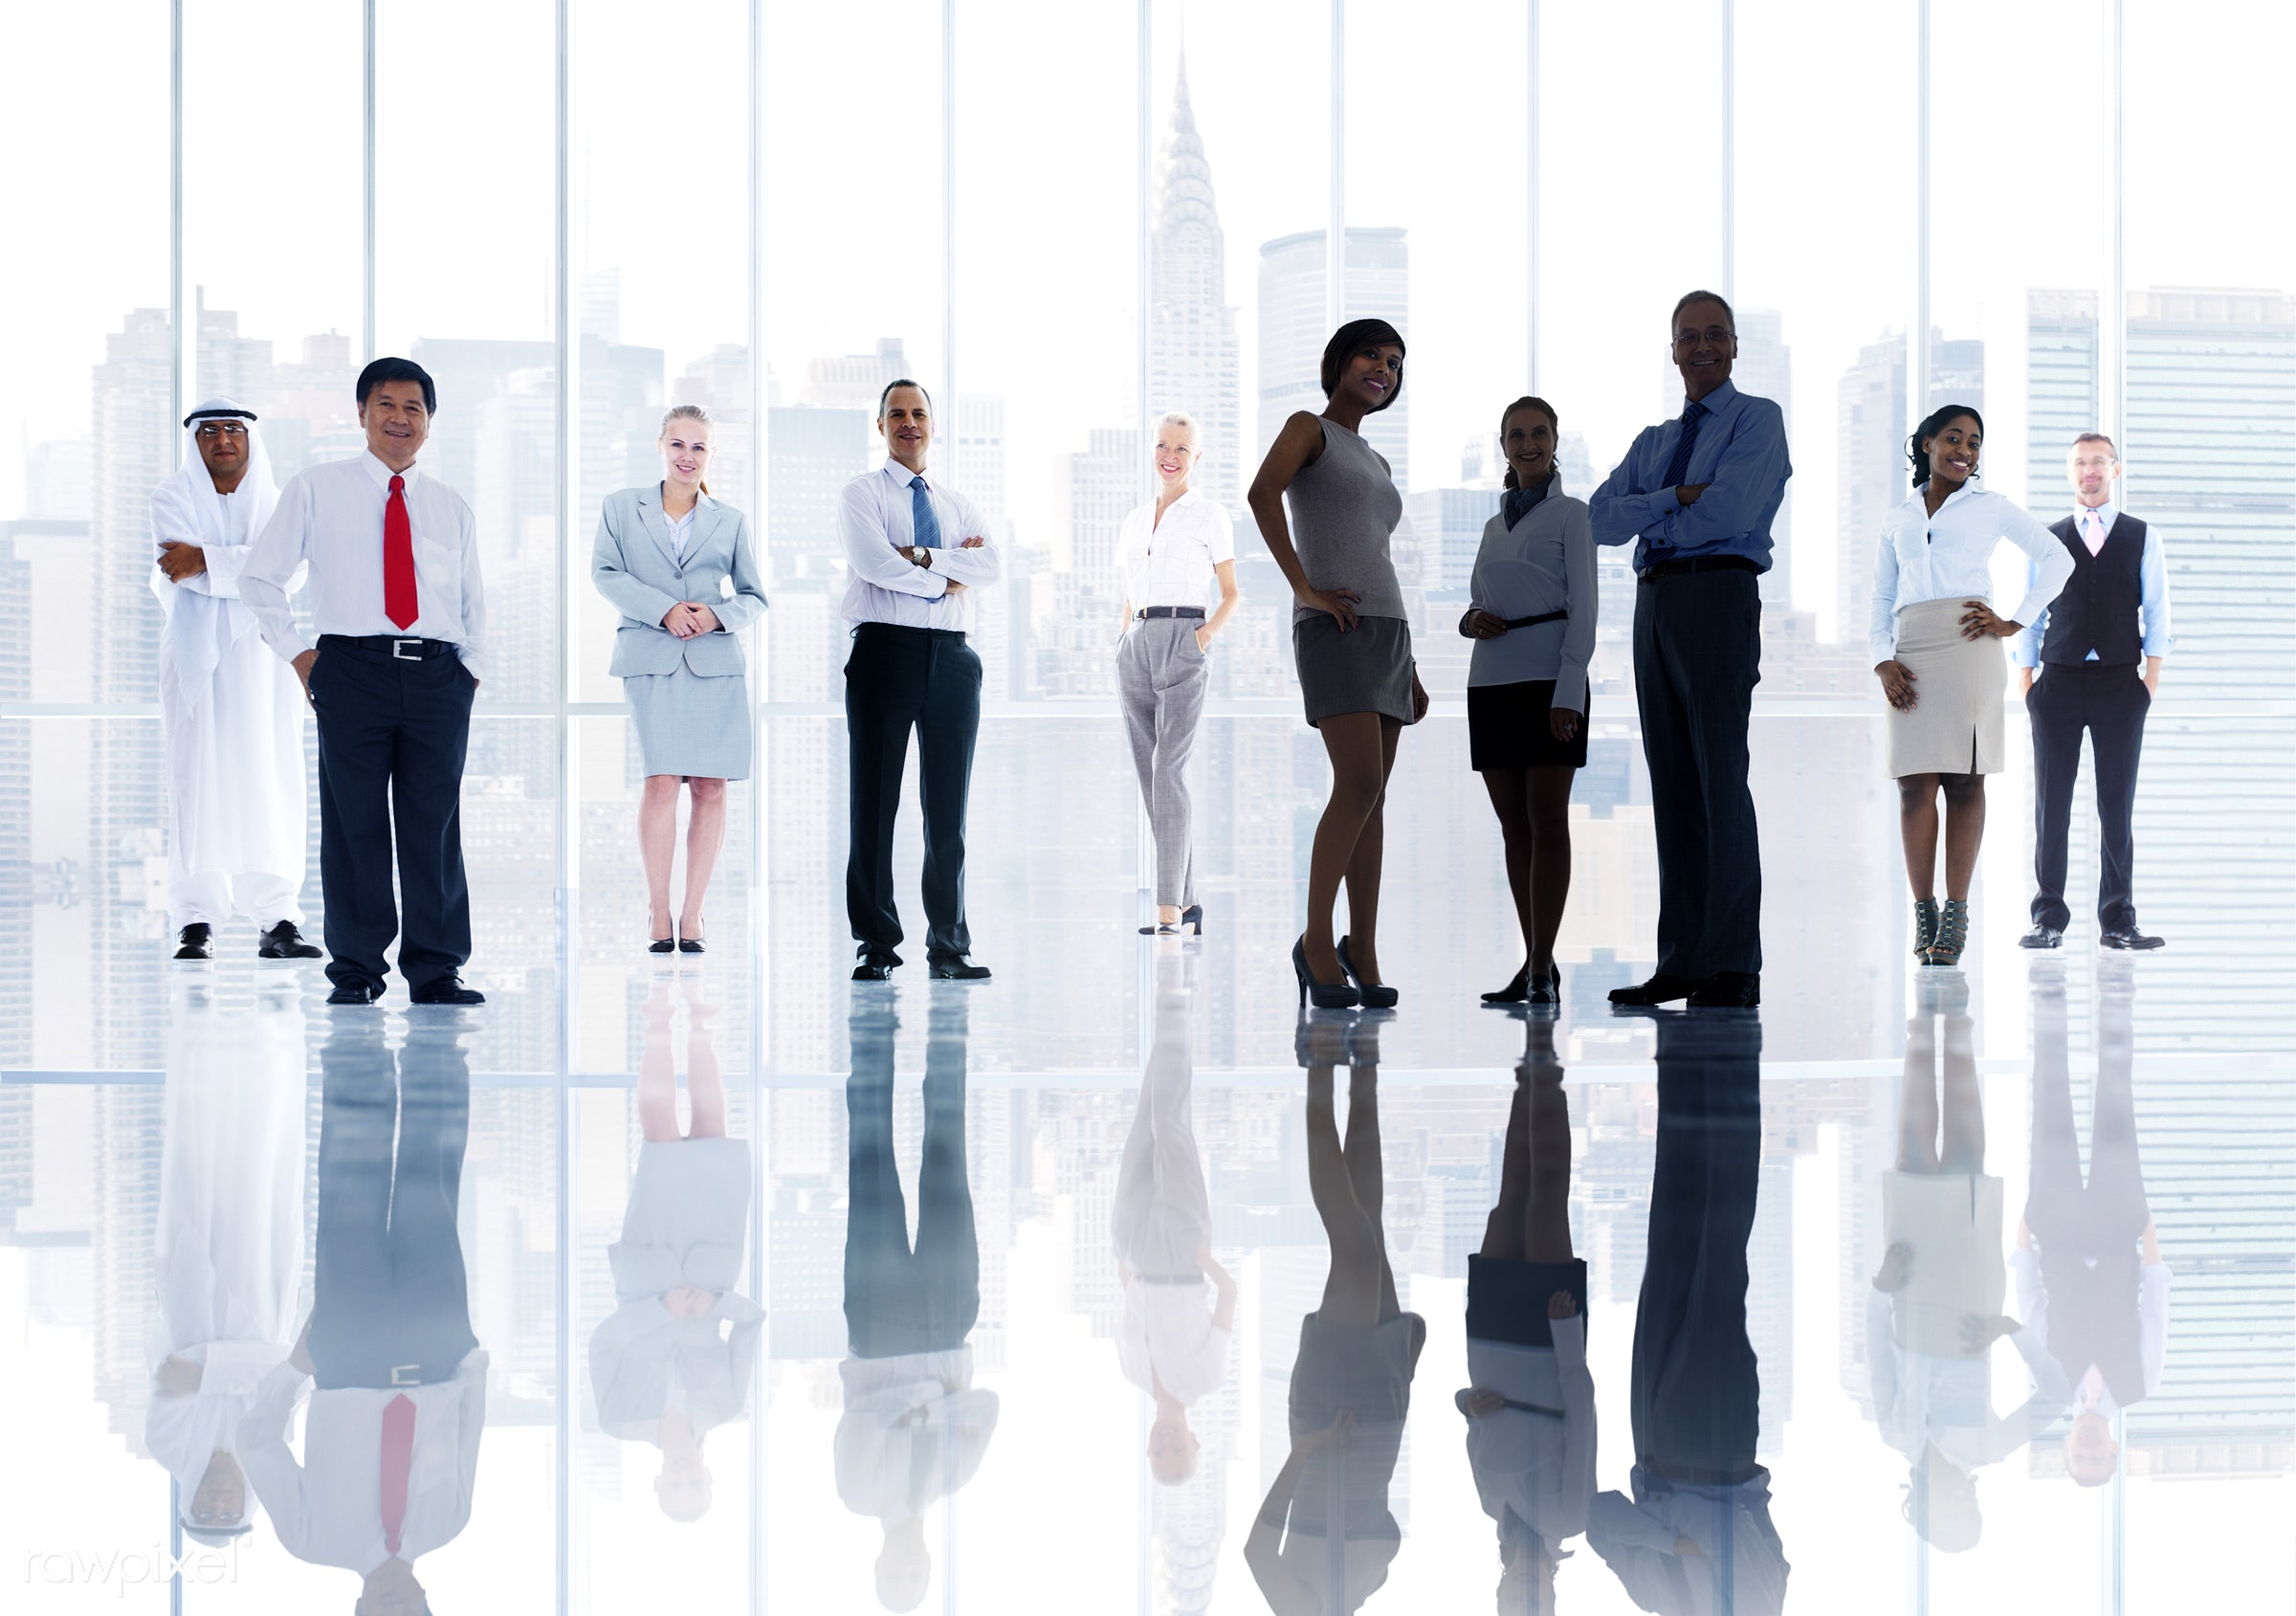 brainstorming, building, business, business people, businessmen, businesswomen, cityscape, colleagues, concepts, confident,...